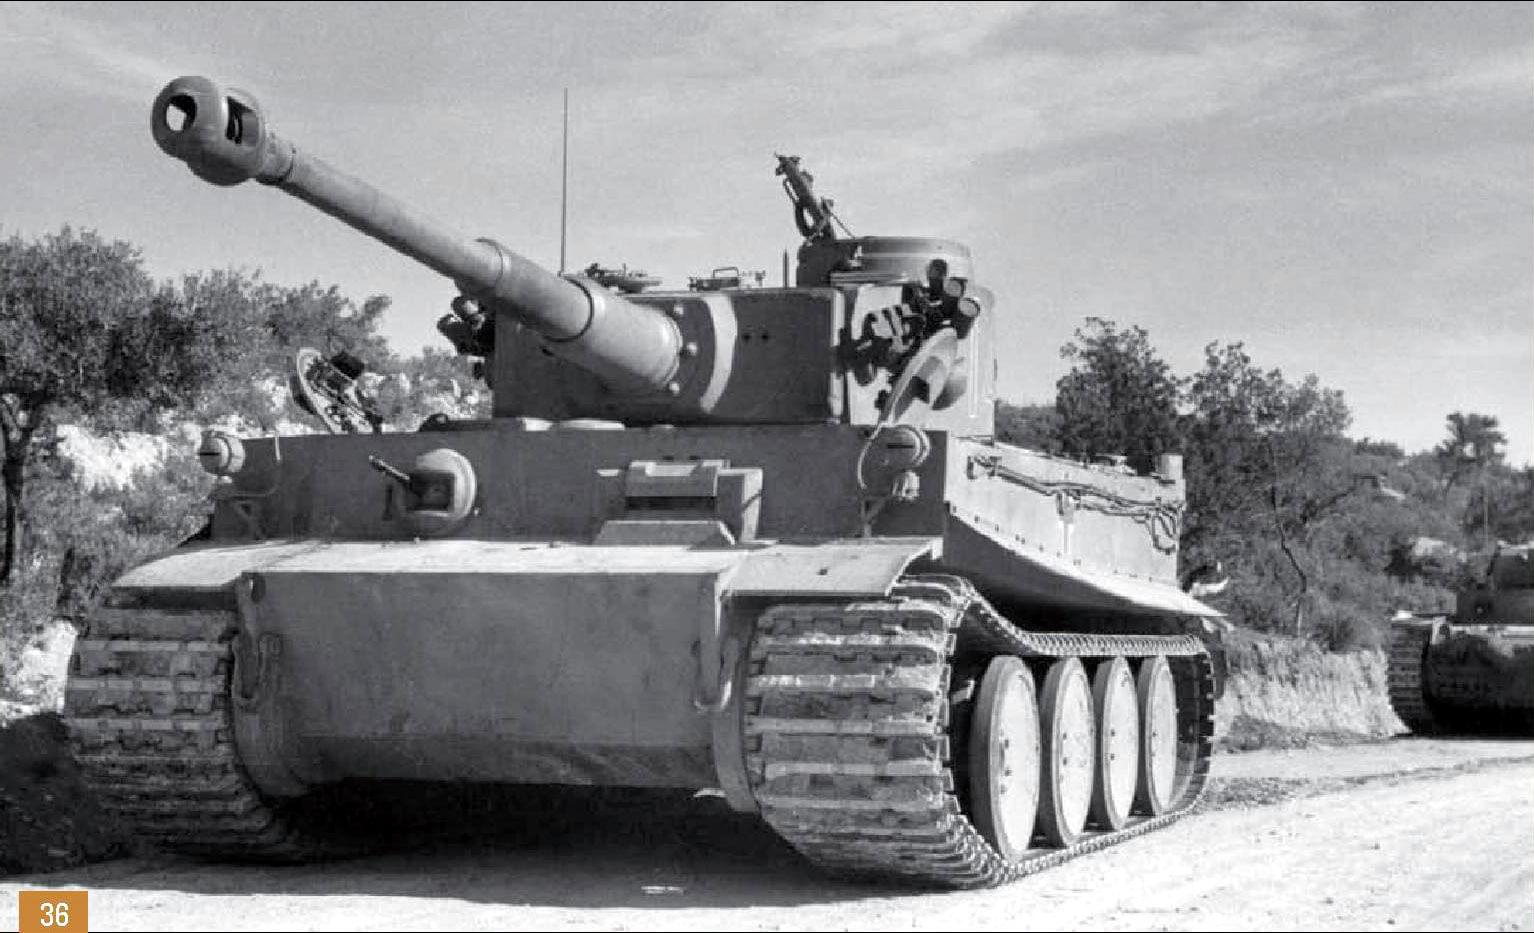 tiger tank in africa에 대한 이미지 검색결과